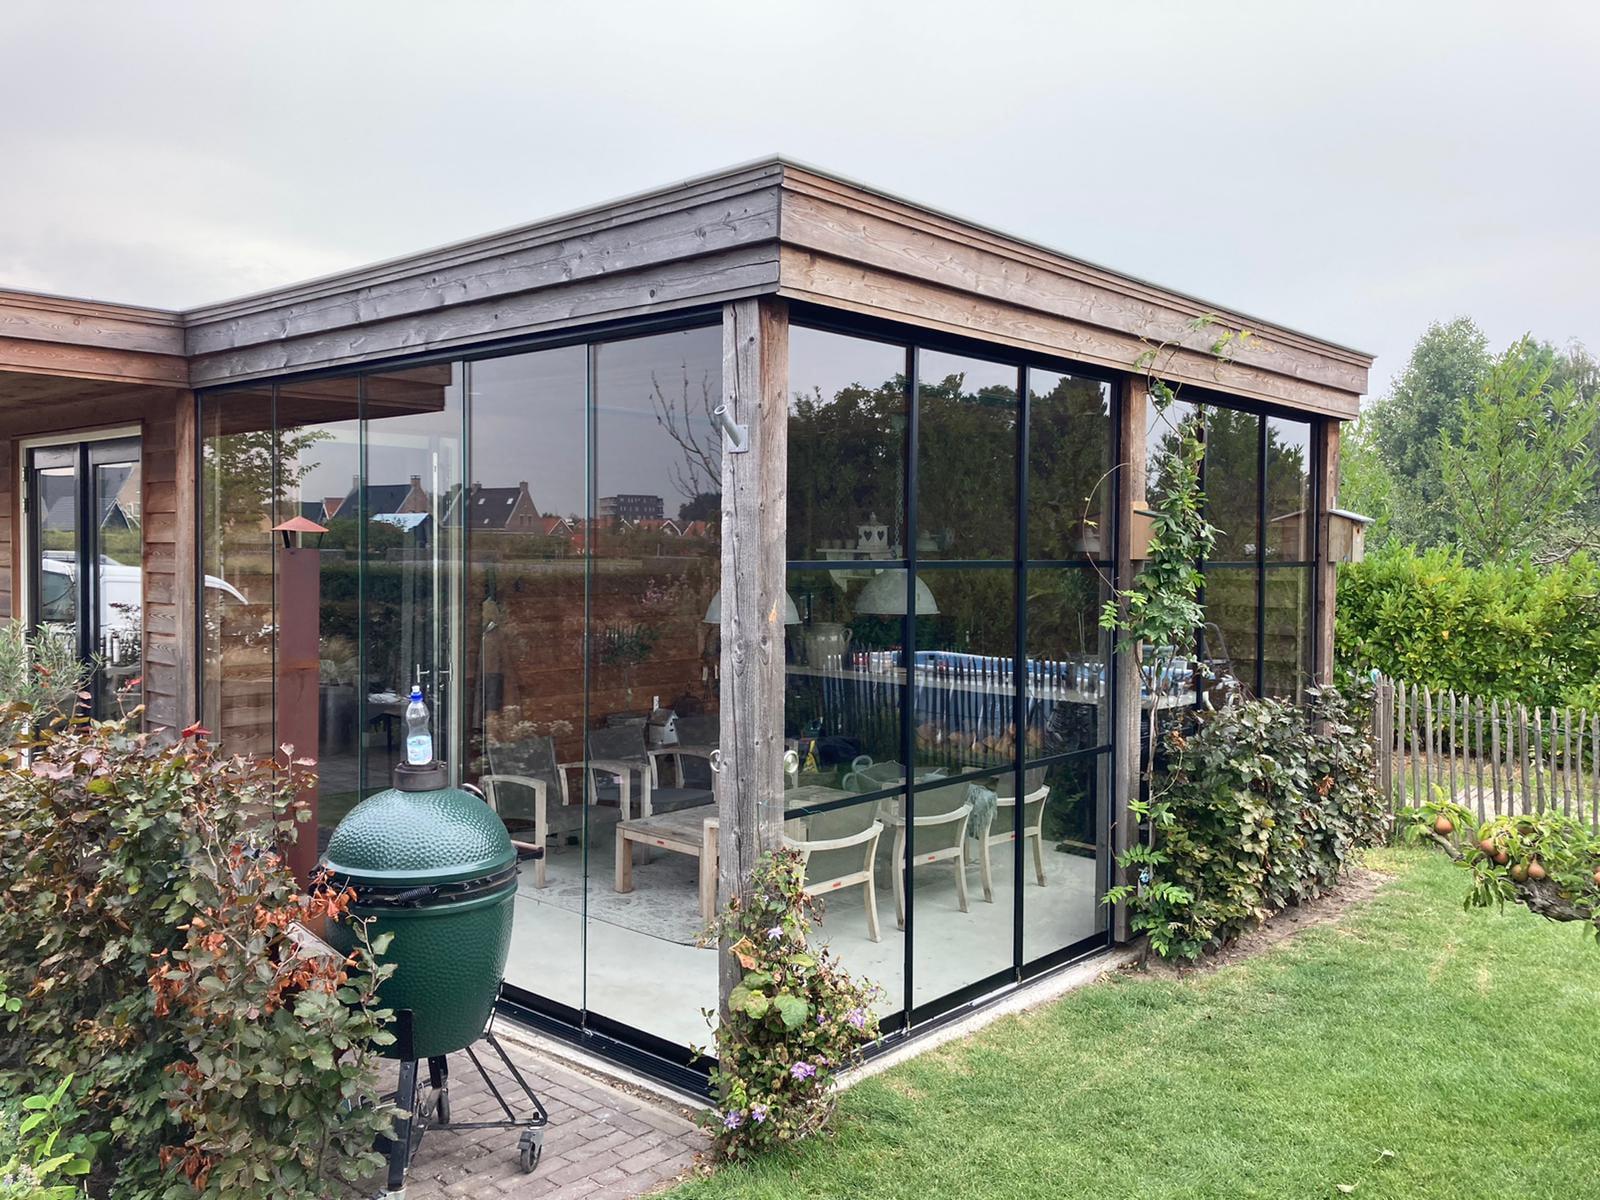 Gartenhaus mit Glasschiebetüre ohne und mit Rahmen